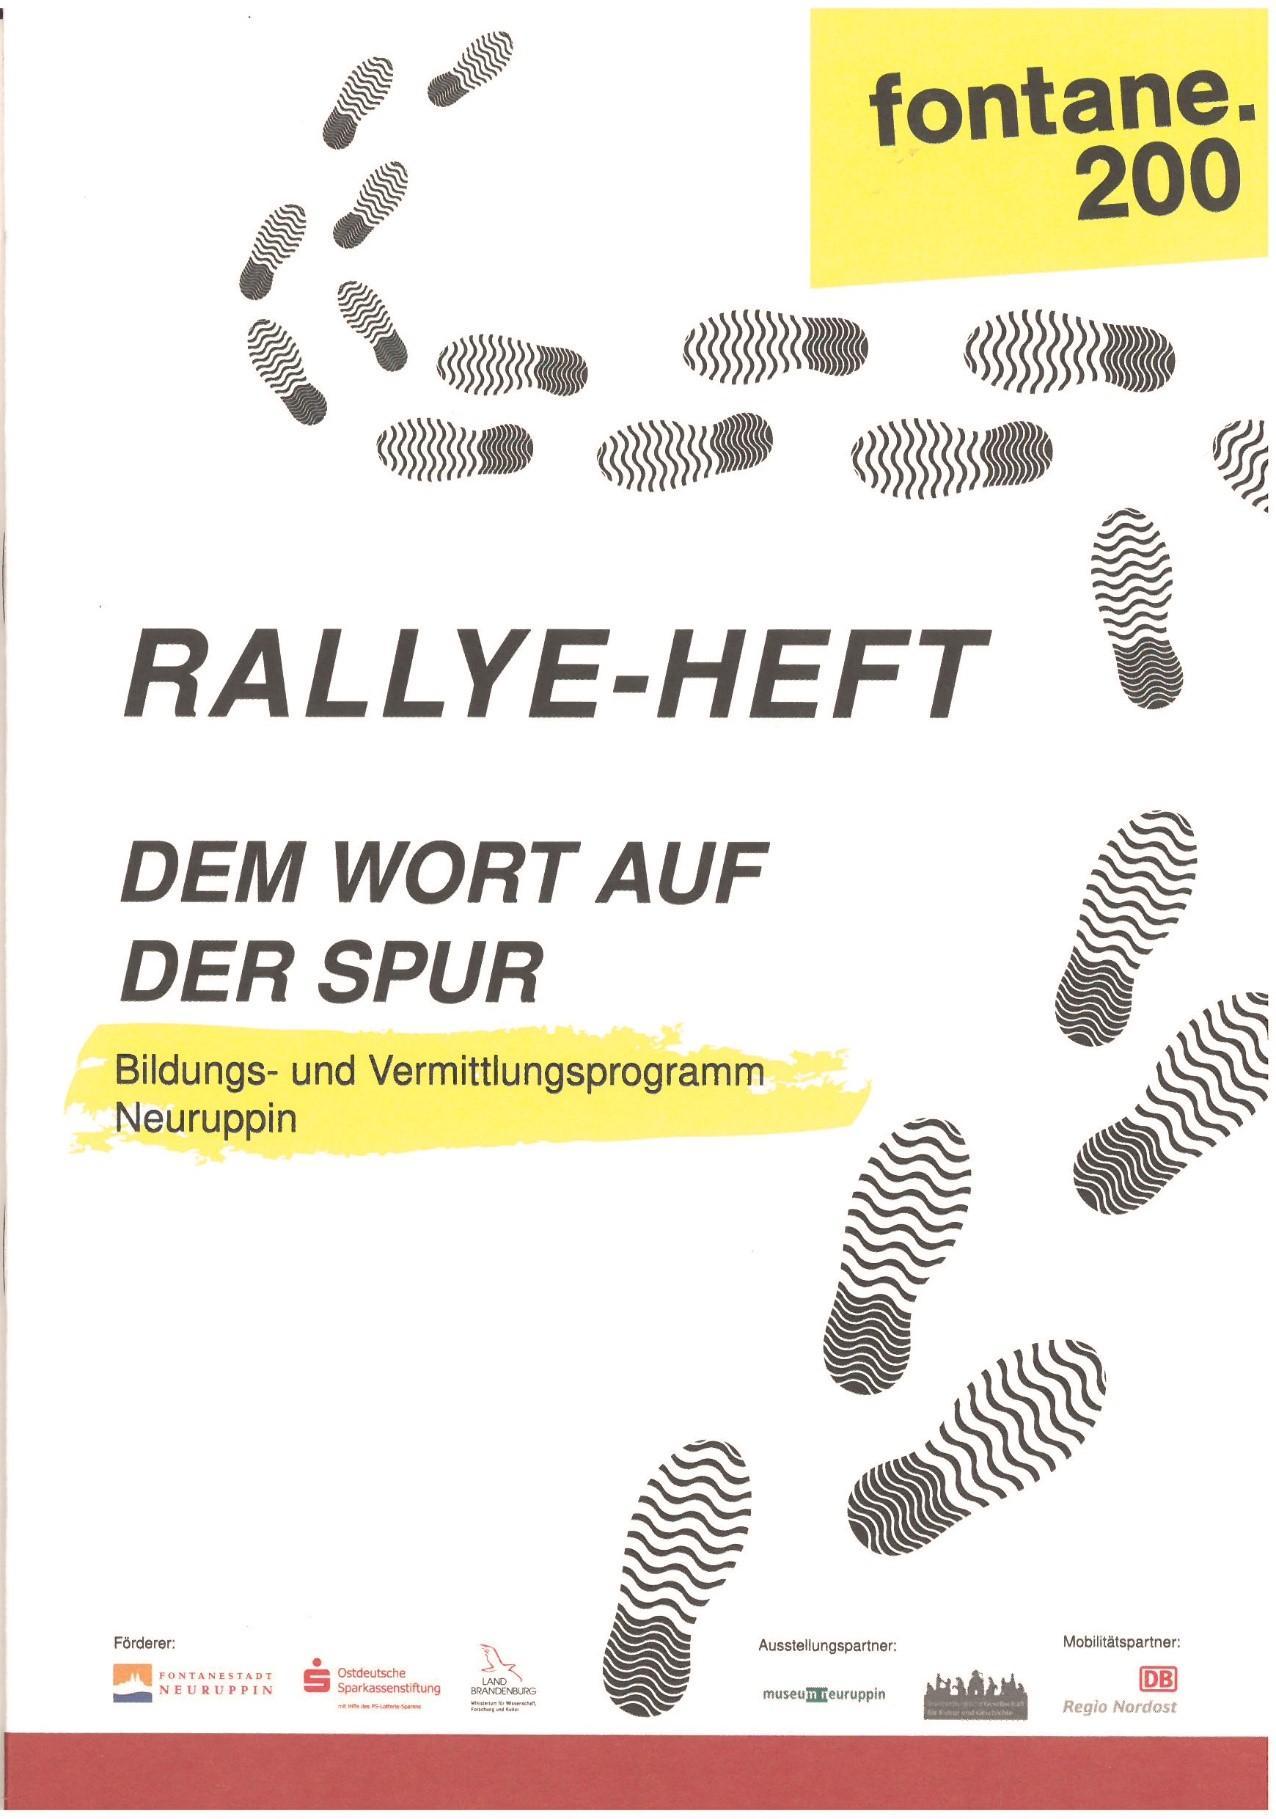 Rallye-Heft